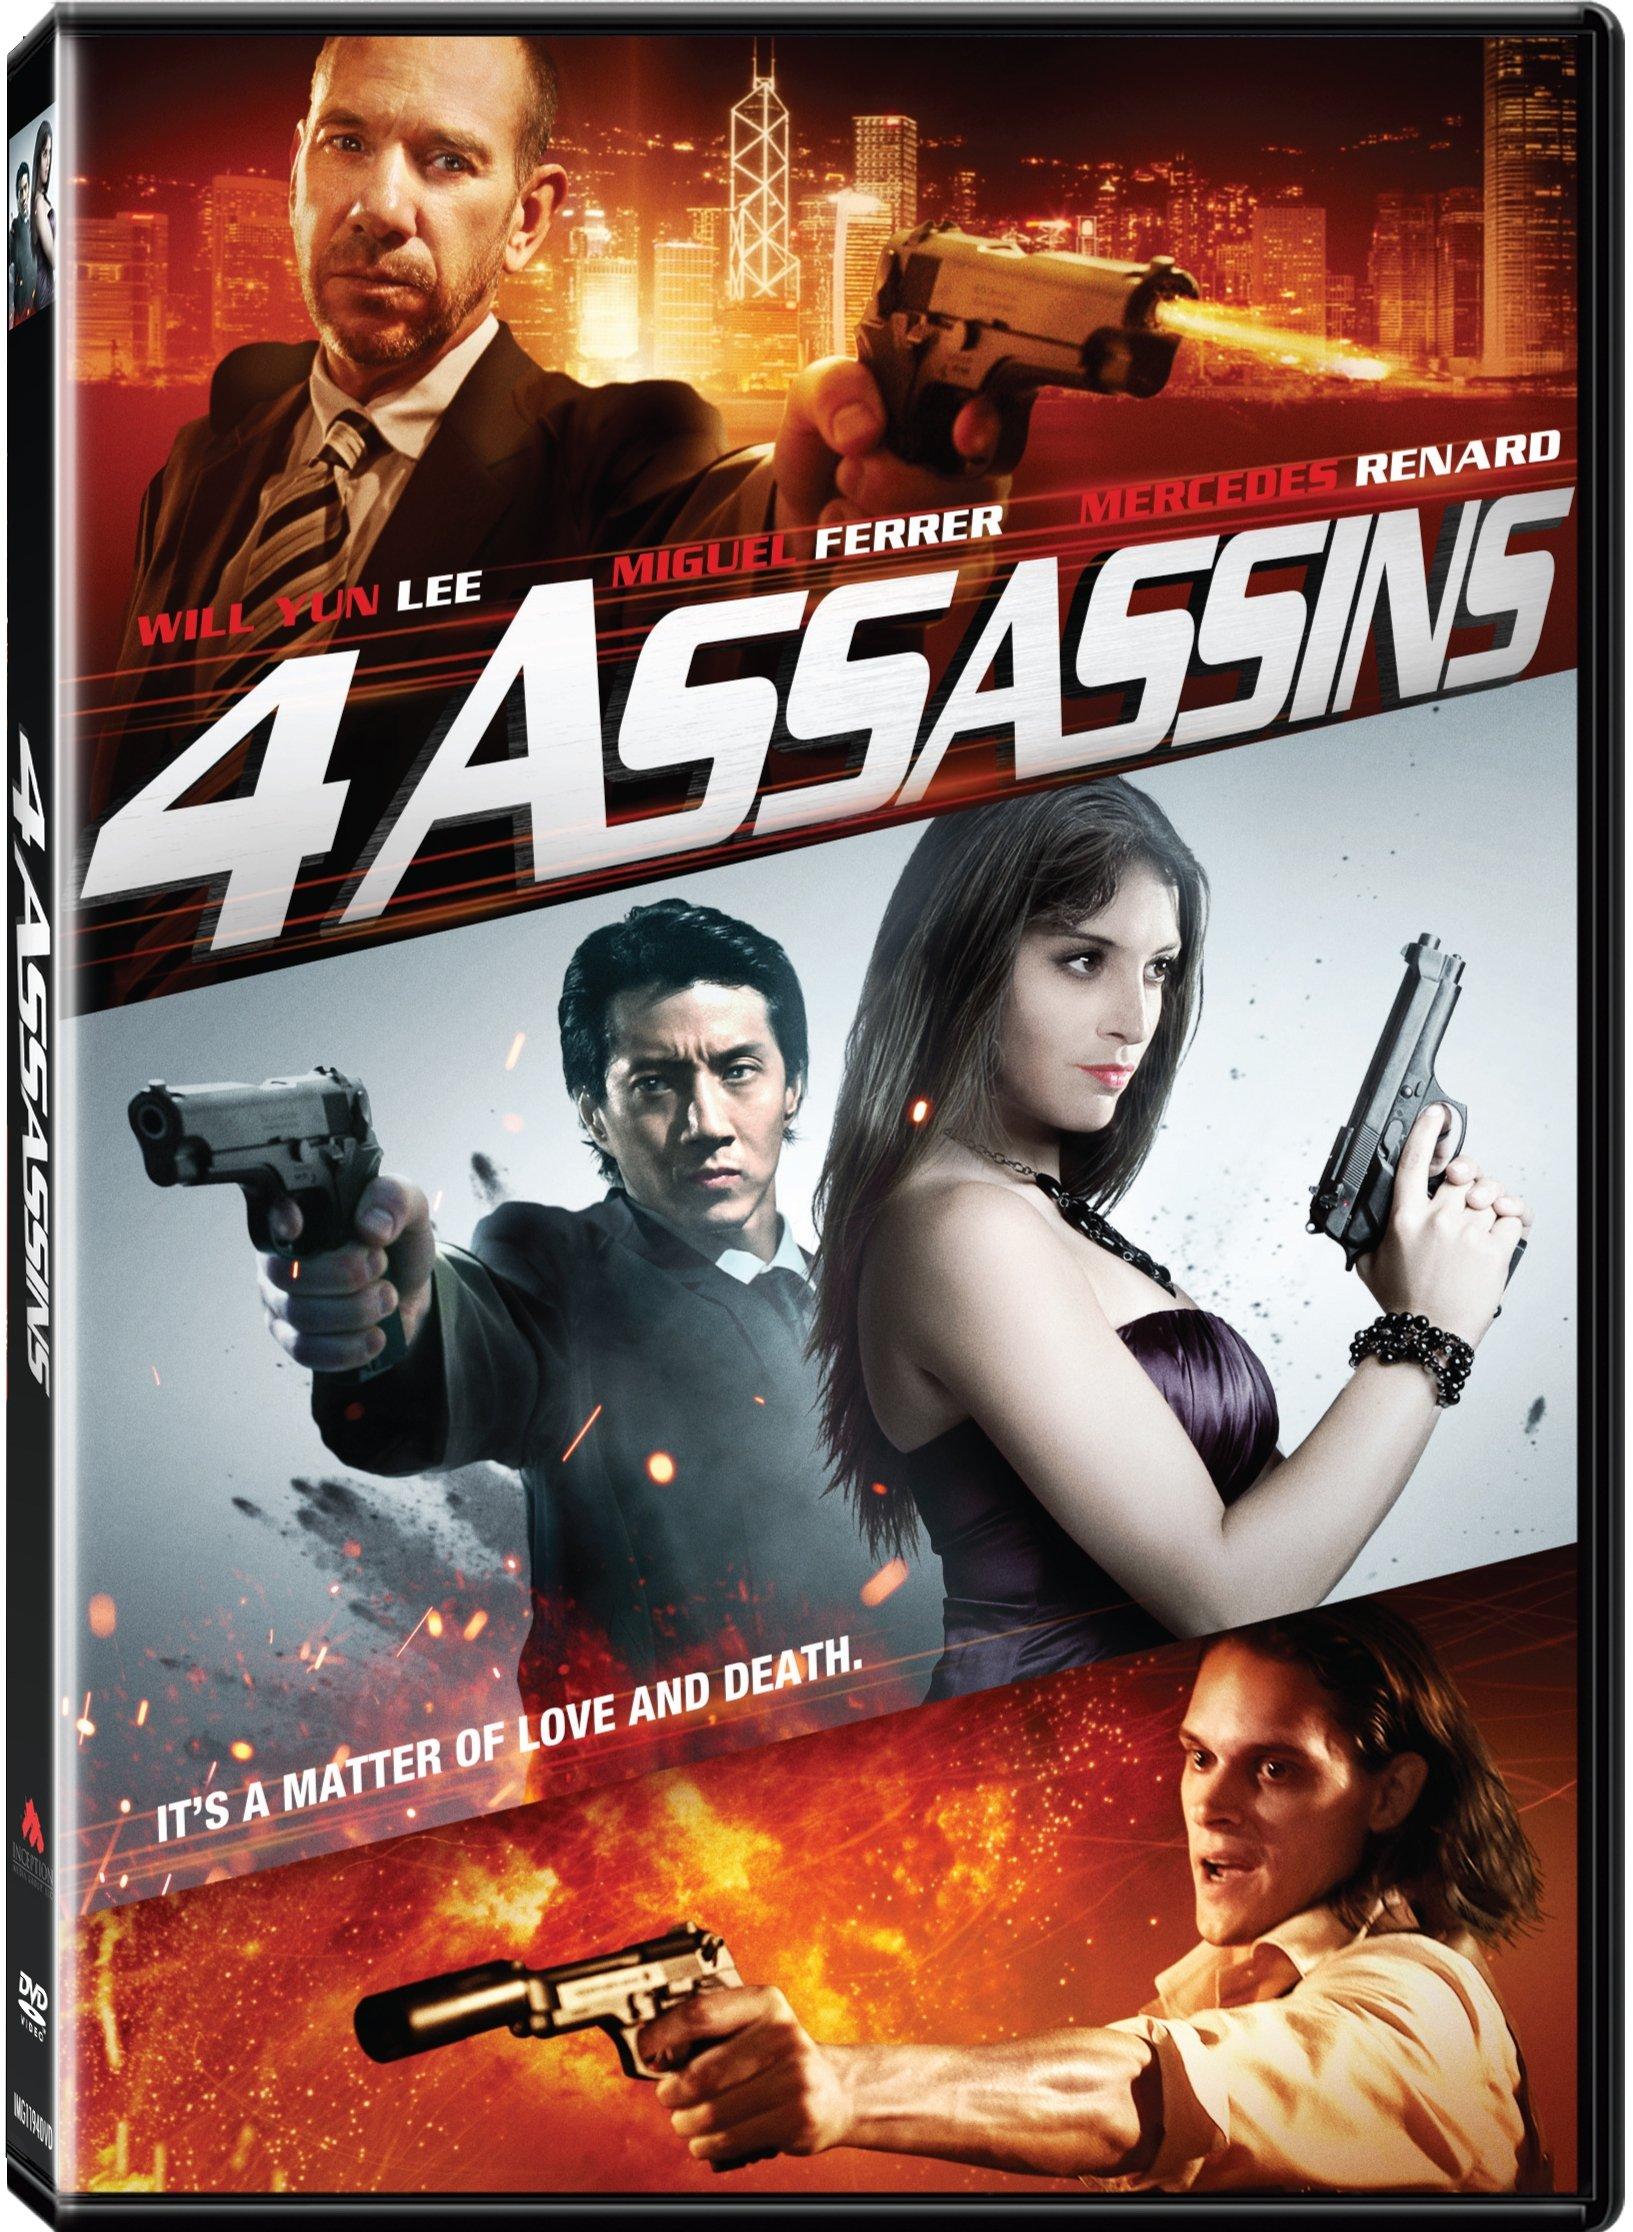 DVD : 4 Assassins (AC-3, Widescreen)